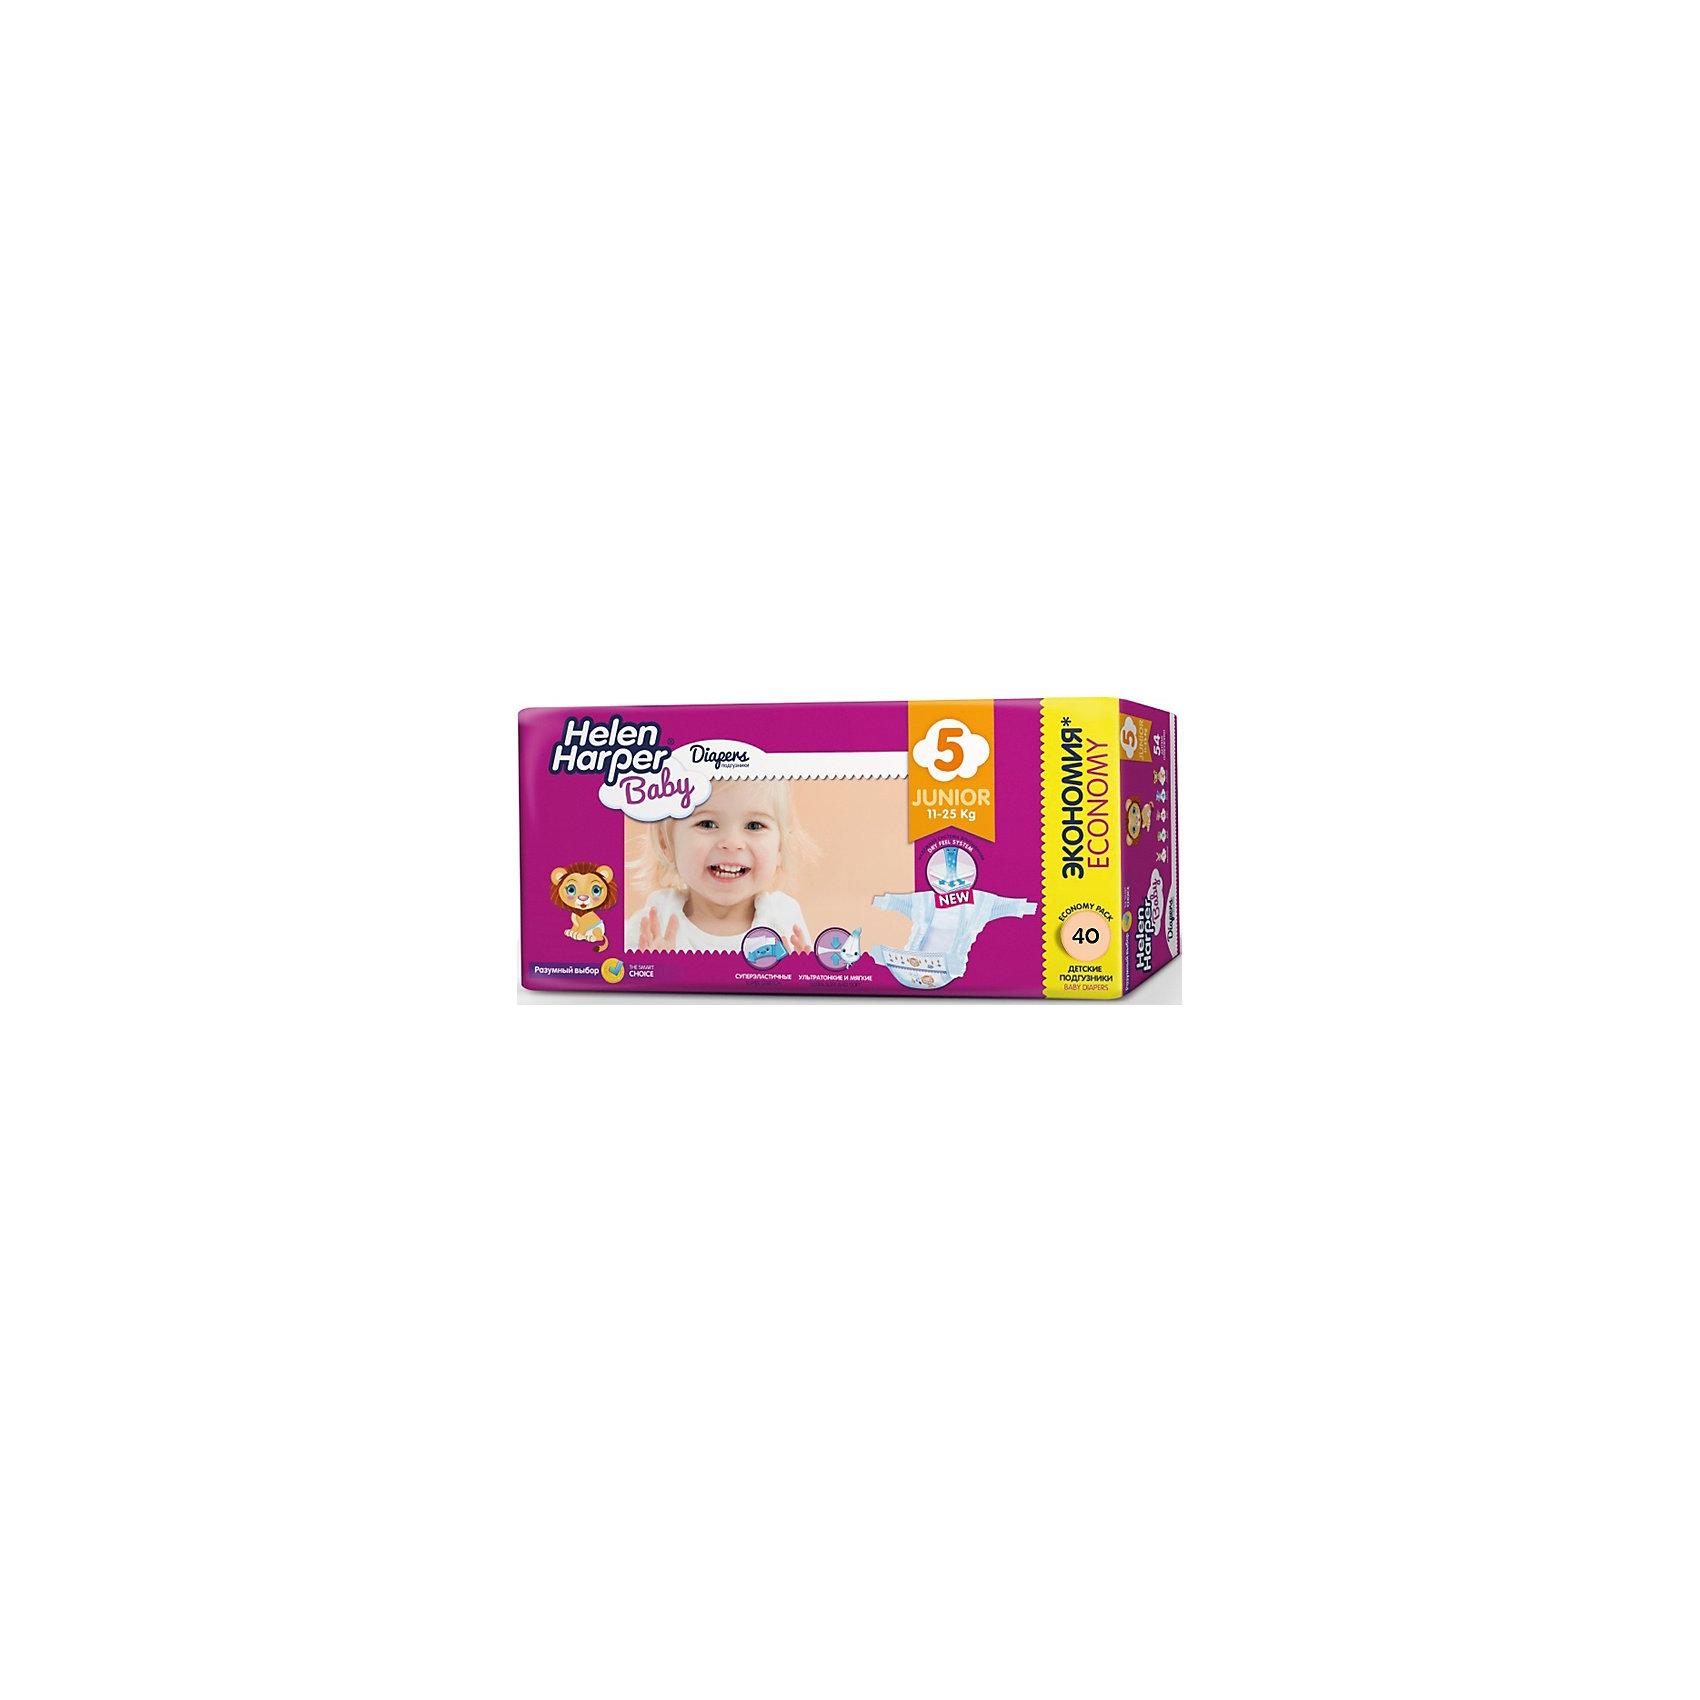 Подгузники Junior Helen Harper Baby 11-25 кг., 40 шт.Детские подгузники Helen Harper Baby отличаются красочным дизайном и превосходным качеством. Они выполнены из гипоаллергенного дышащего материала без отдушек и ароматизаторов, имеют многоразовые застежки-липучки с пониженным уровнем шума. Уникальная система впитывания надежно удерживает жидкость внутри подгузника, превращая ее в гель и защищая от протеканий. Мягкий внутренний слой препятствует возникновению раздражений на нежной коже малыша и обеспечивает дополнительный комфорт. Благодаря эластичным боковинам и особой анатомической форме подгузник хорошо прилегает к телу ребенка, при этом не стягивает и не натирает кожу.<br><br>Особенности:<br>Высокая впитываемость (система Dry Feel).<br>Внутренний мягкий слой подгузника препятствует возникновению раздражений и опрелостей.<br>Многоразовая застежка-липучка обеспечивает удобство в использовании.<br>Превосходно сидят благодаря анатомической форме подгузника.<br>Эластичные дышащие боковые оборочки препятствуют проникновению влаги наружу.<br>Выполнены из дышащего гипоаллергенного материала.<br><br>Ширина мм: 600<br>Глубина мм: 600<br>Высота мм: 200<br>Вес г: 1657<br>Возраст от месяцев: -2147483648<br>Возраст до месяцев: 2147483647<br>Пол: Унисекс<br>Возраст: Детский<br>SKU: 4729779